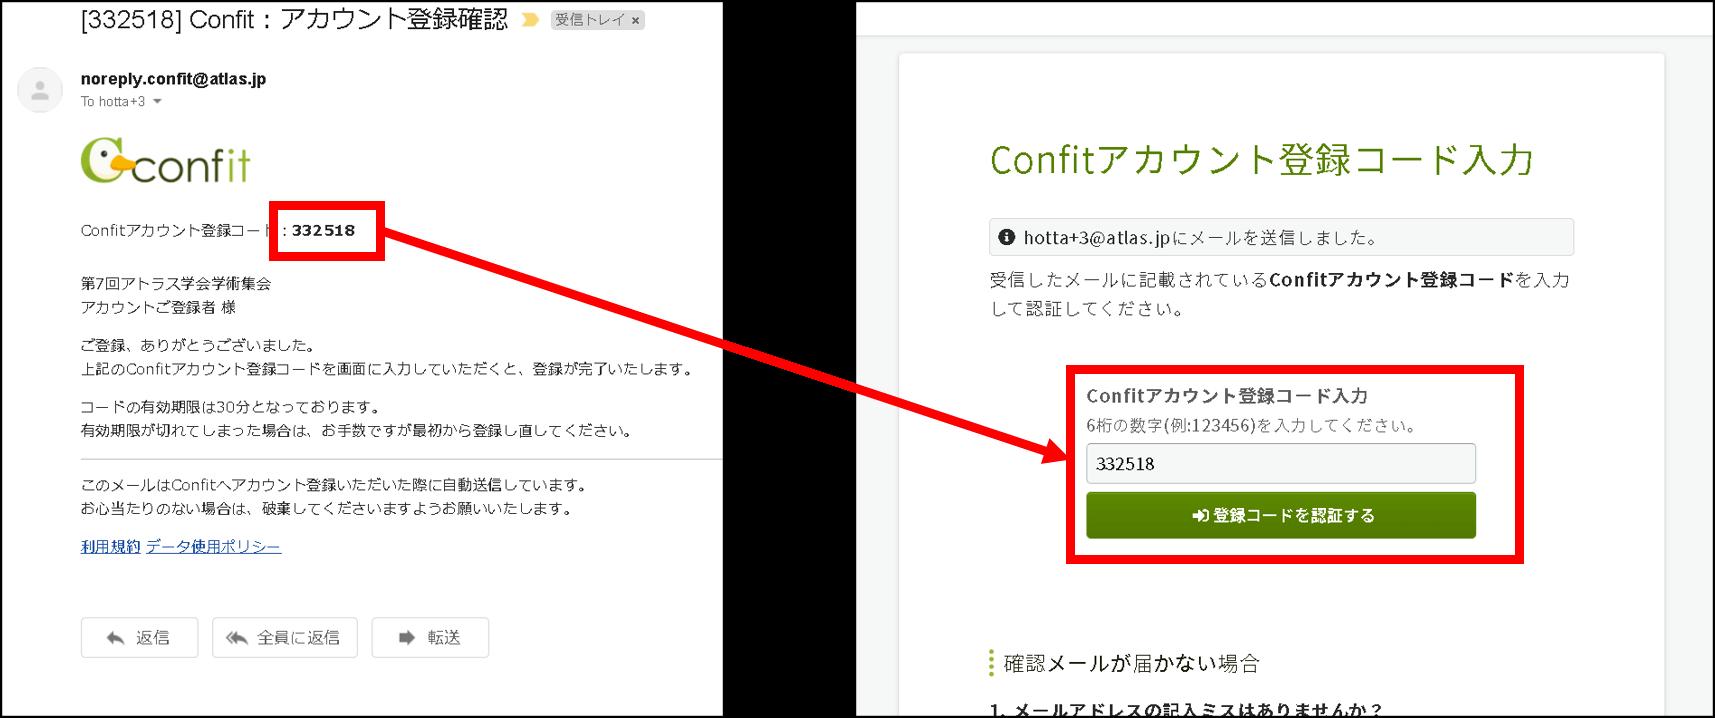 システムから送られた確認メールと、アカウント登録コード入力画面のキャプチャ。メールに記載されているアカウント登録コードを入力すればよいことが示されている。